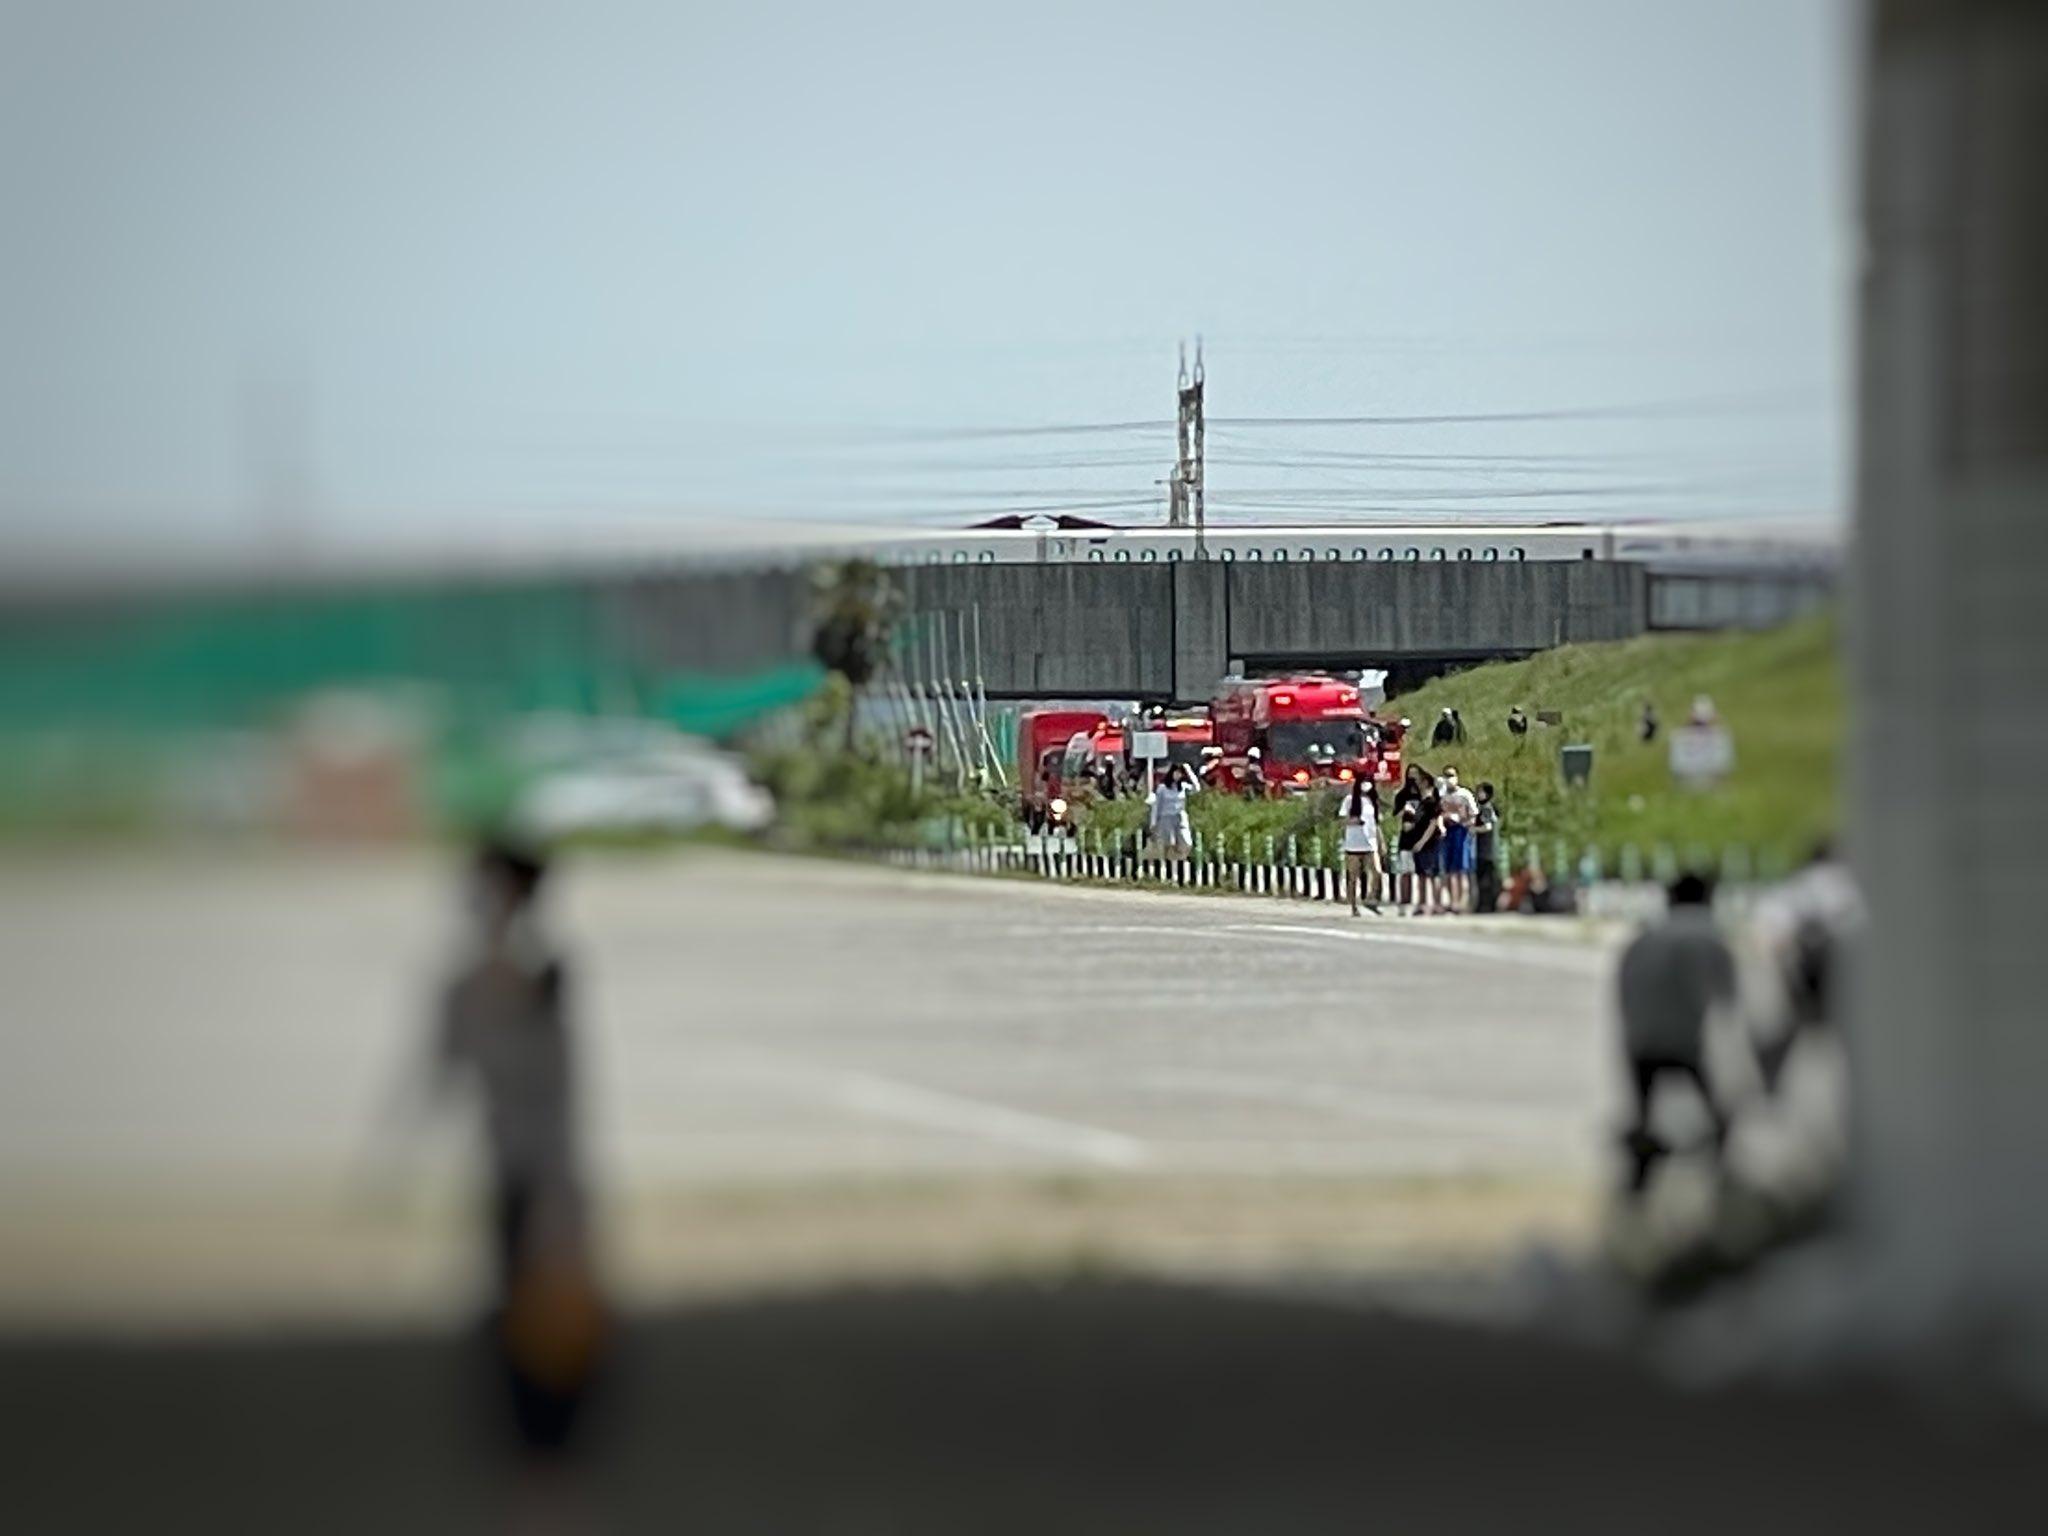 画像,多摩川来たら多摩川、河川敷にめちゃくちゃ消防車が来て騒然としている💦何が起こってるの?ヘリもグルグル回っている#多摩川 #河川敷 https://t.co/WX…